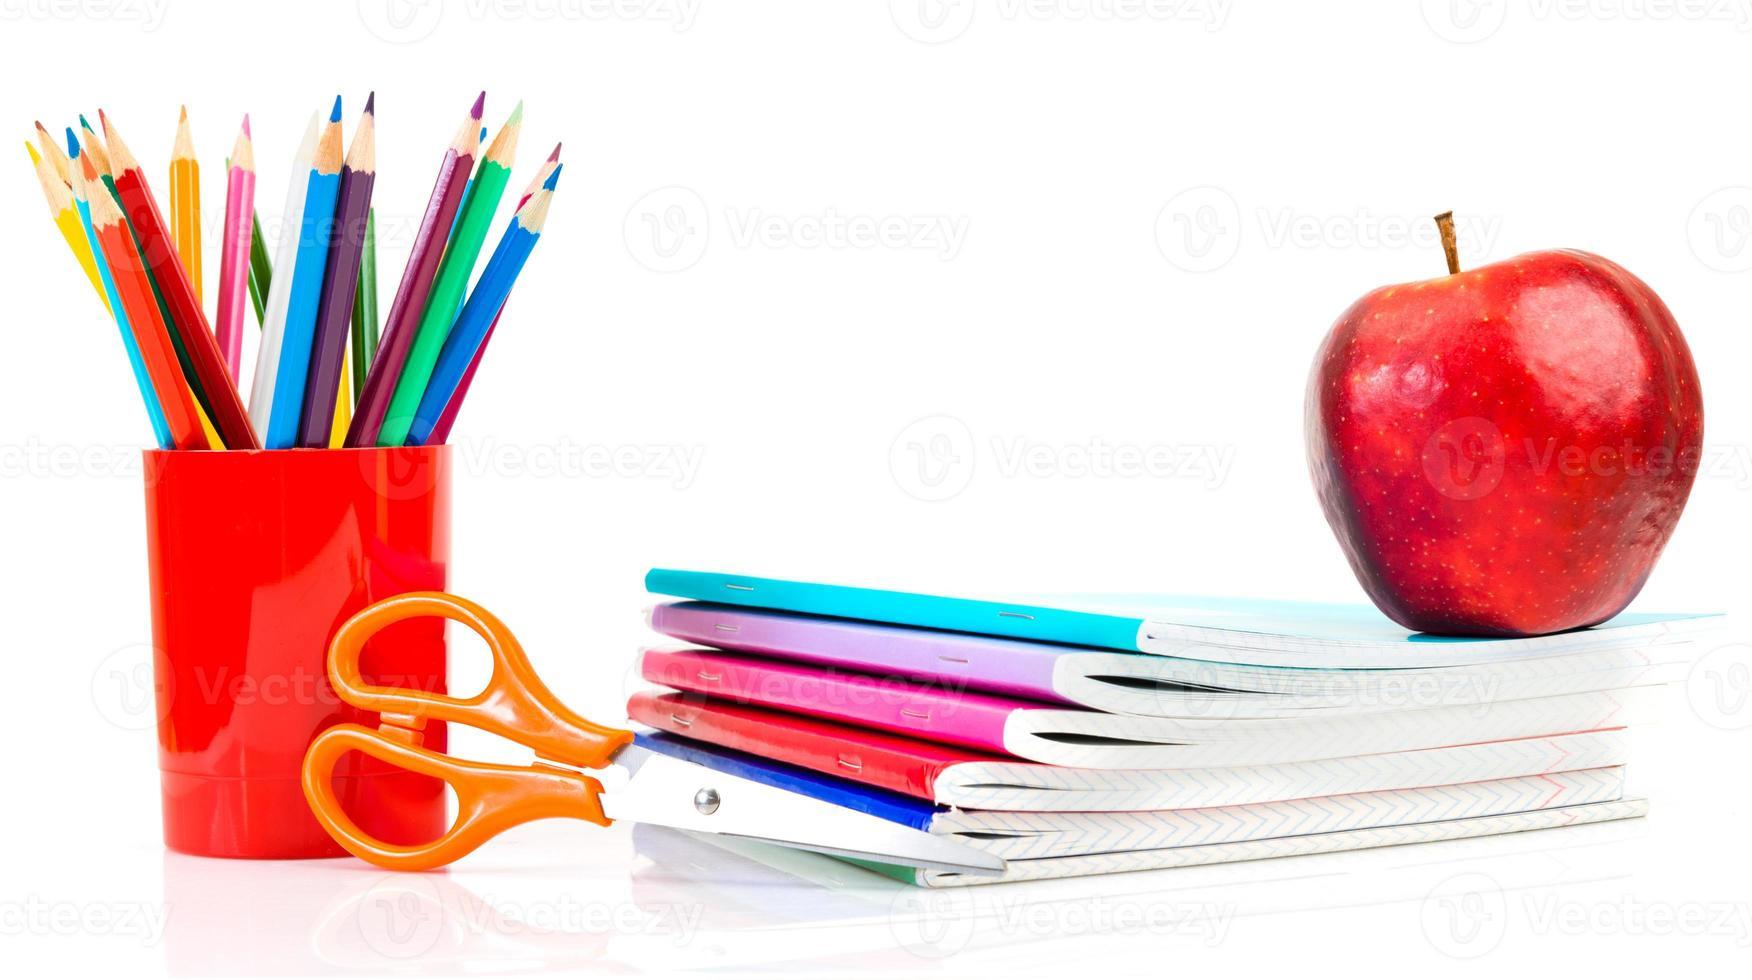 accessori per studi scolastici e studenteschi. foto